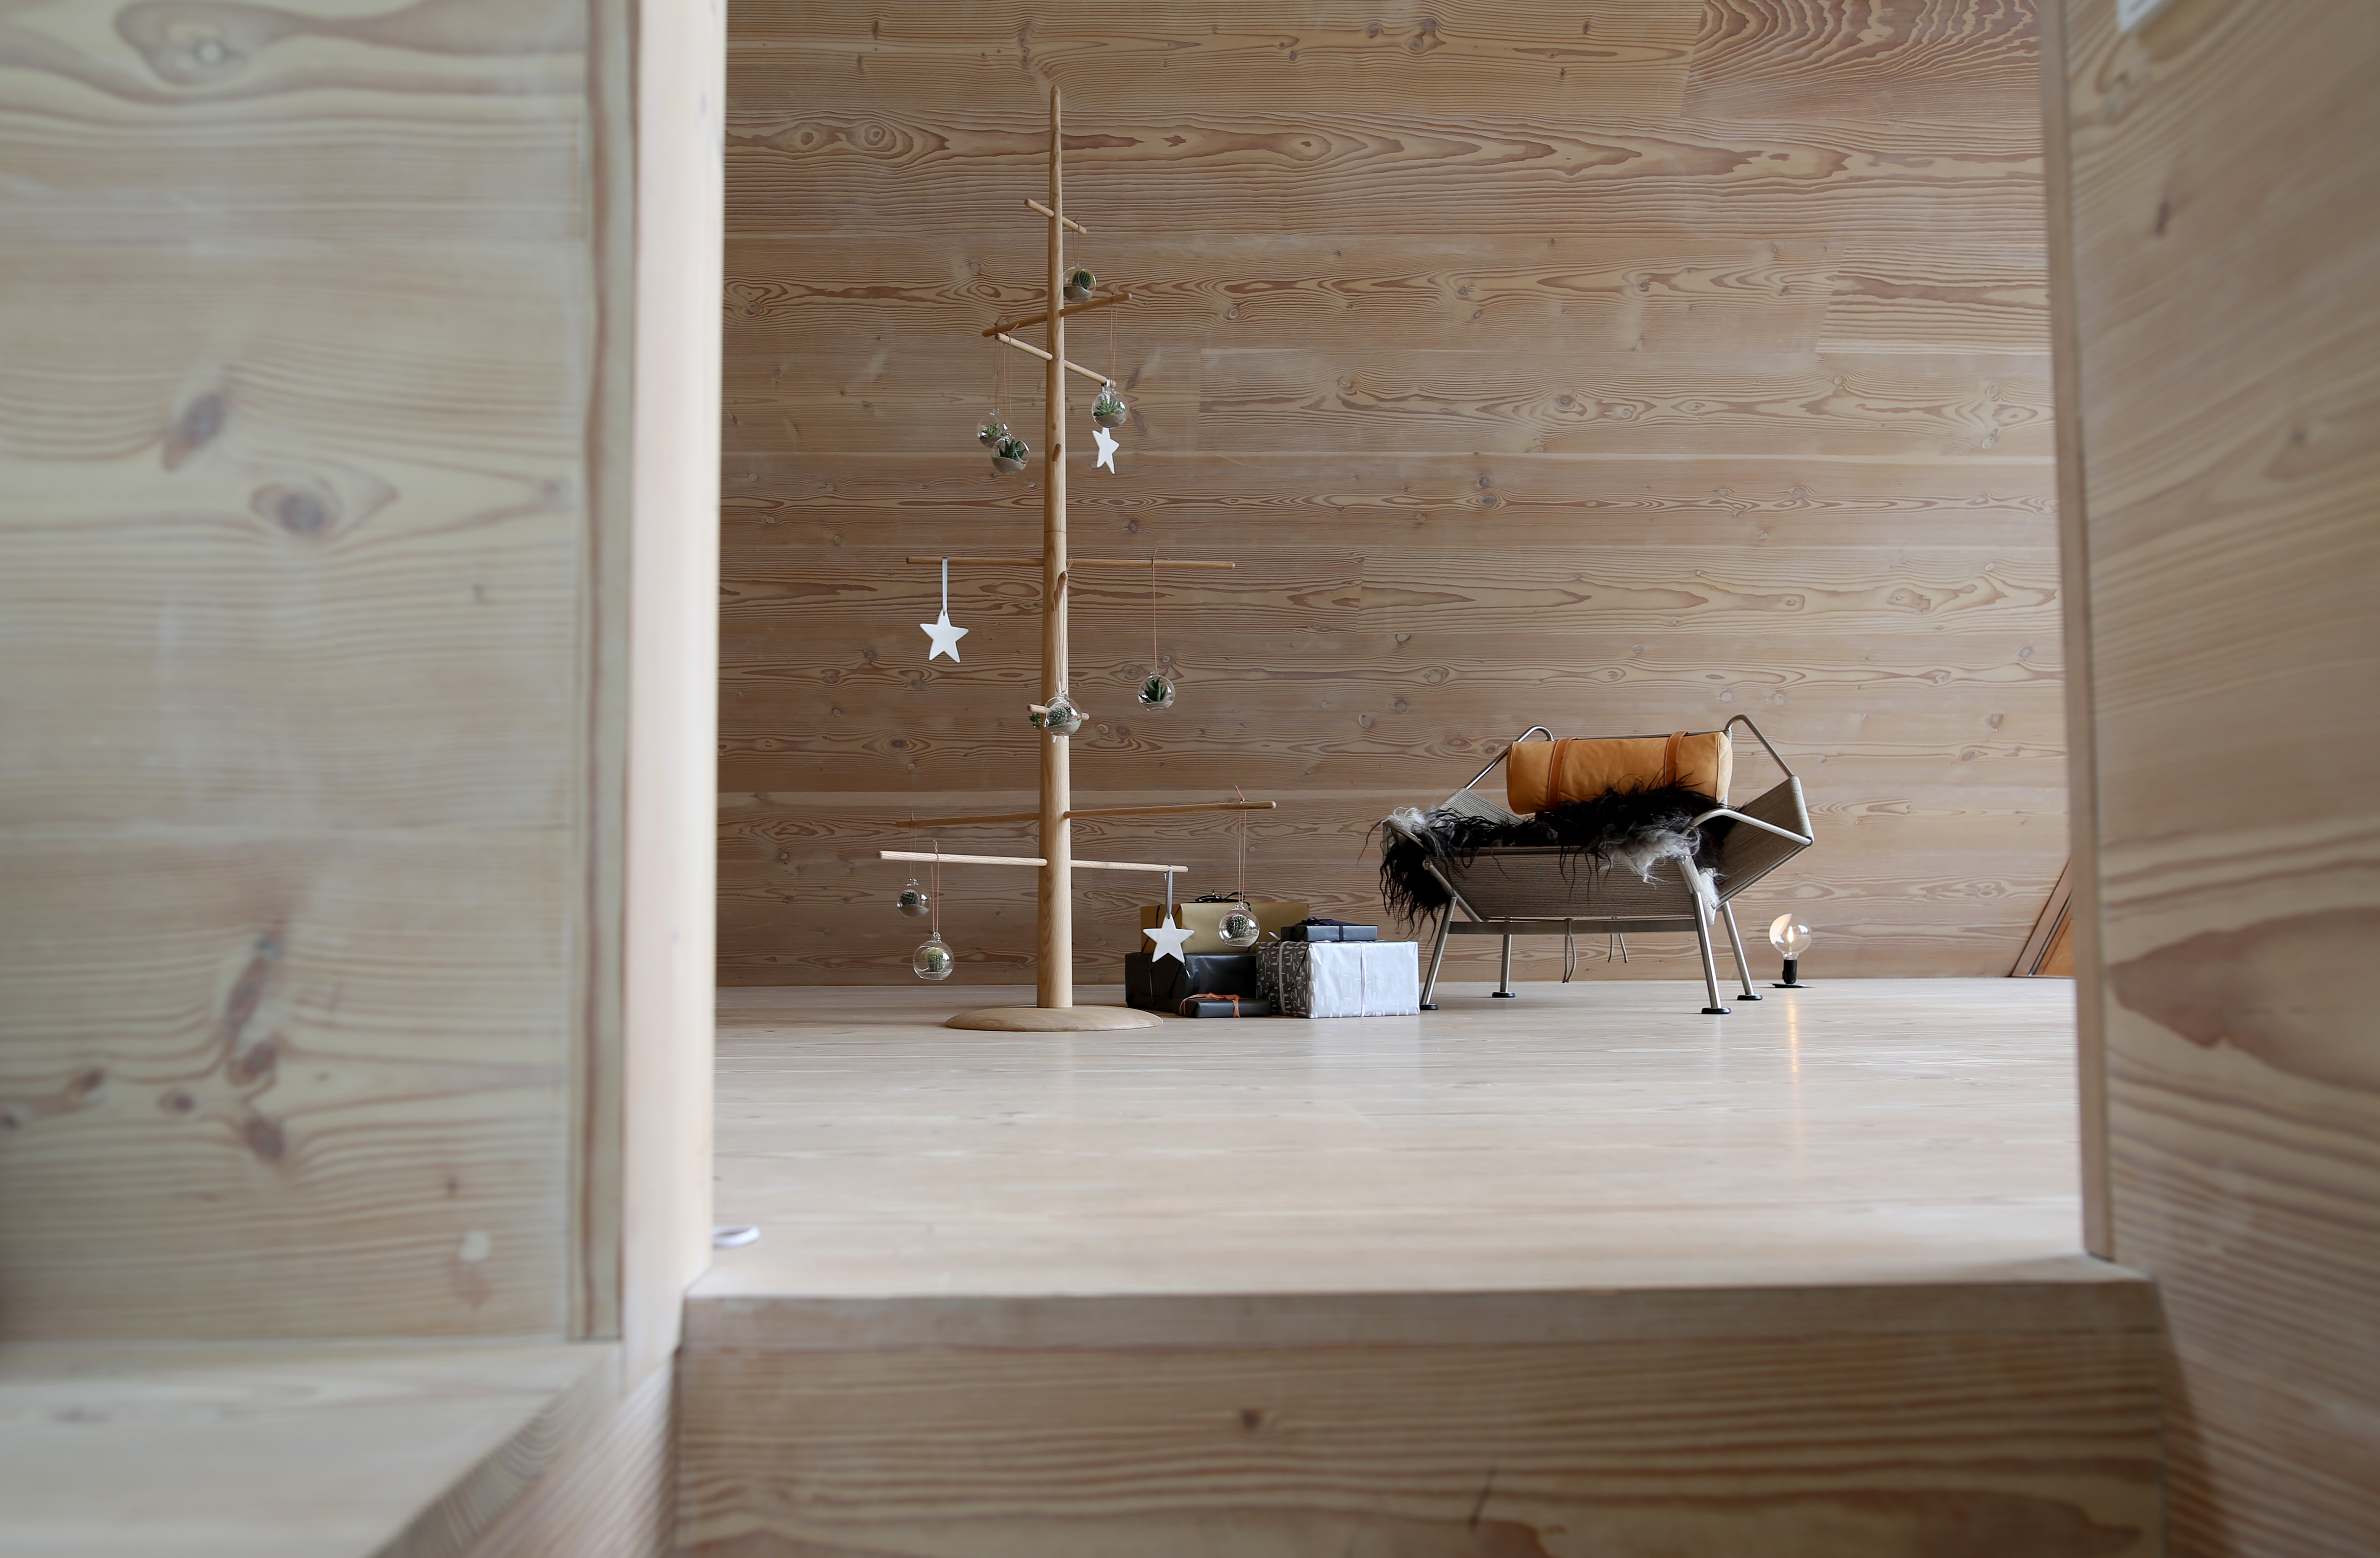 Juletræ - 2 meter